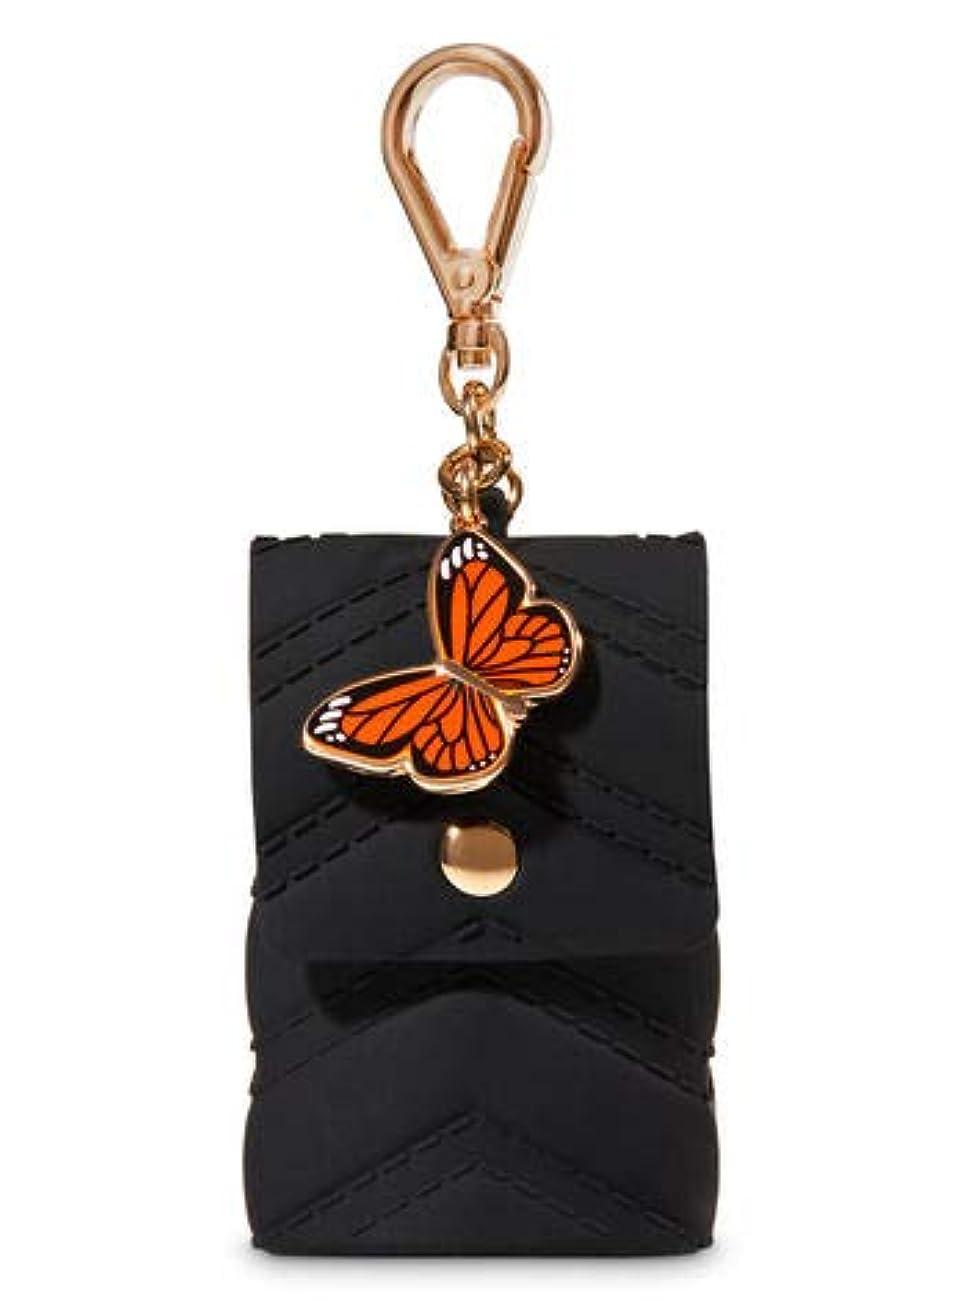 波紋地獄実行【Bath&Body Works/バス&ボディワークス】 抗菌ハンドジェルホルダー バタフライチャーム Pocketbac Holder Butterfly Charm [並行輸入品]